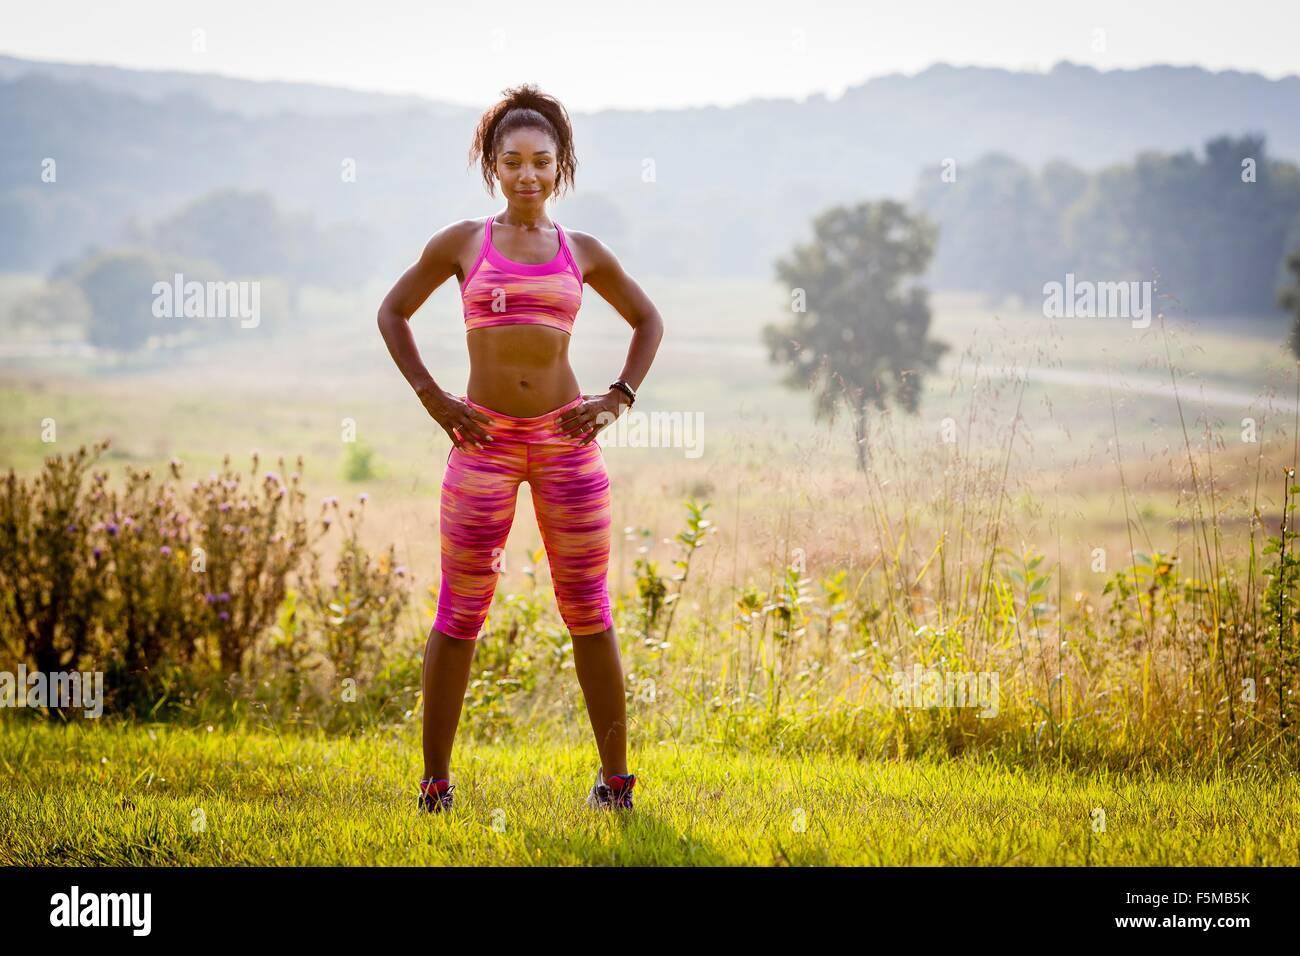 Ritratto di certi giovani femmine runner nel parco rurale Immagini Stock